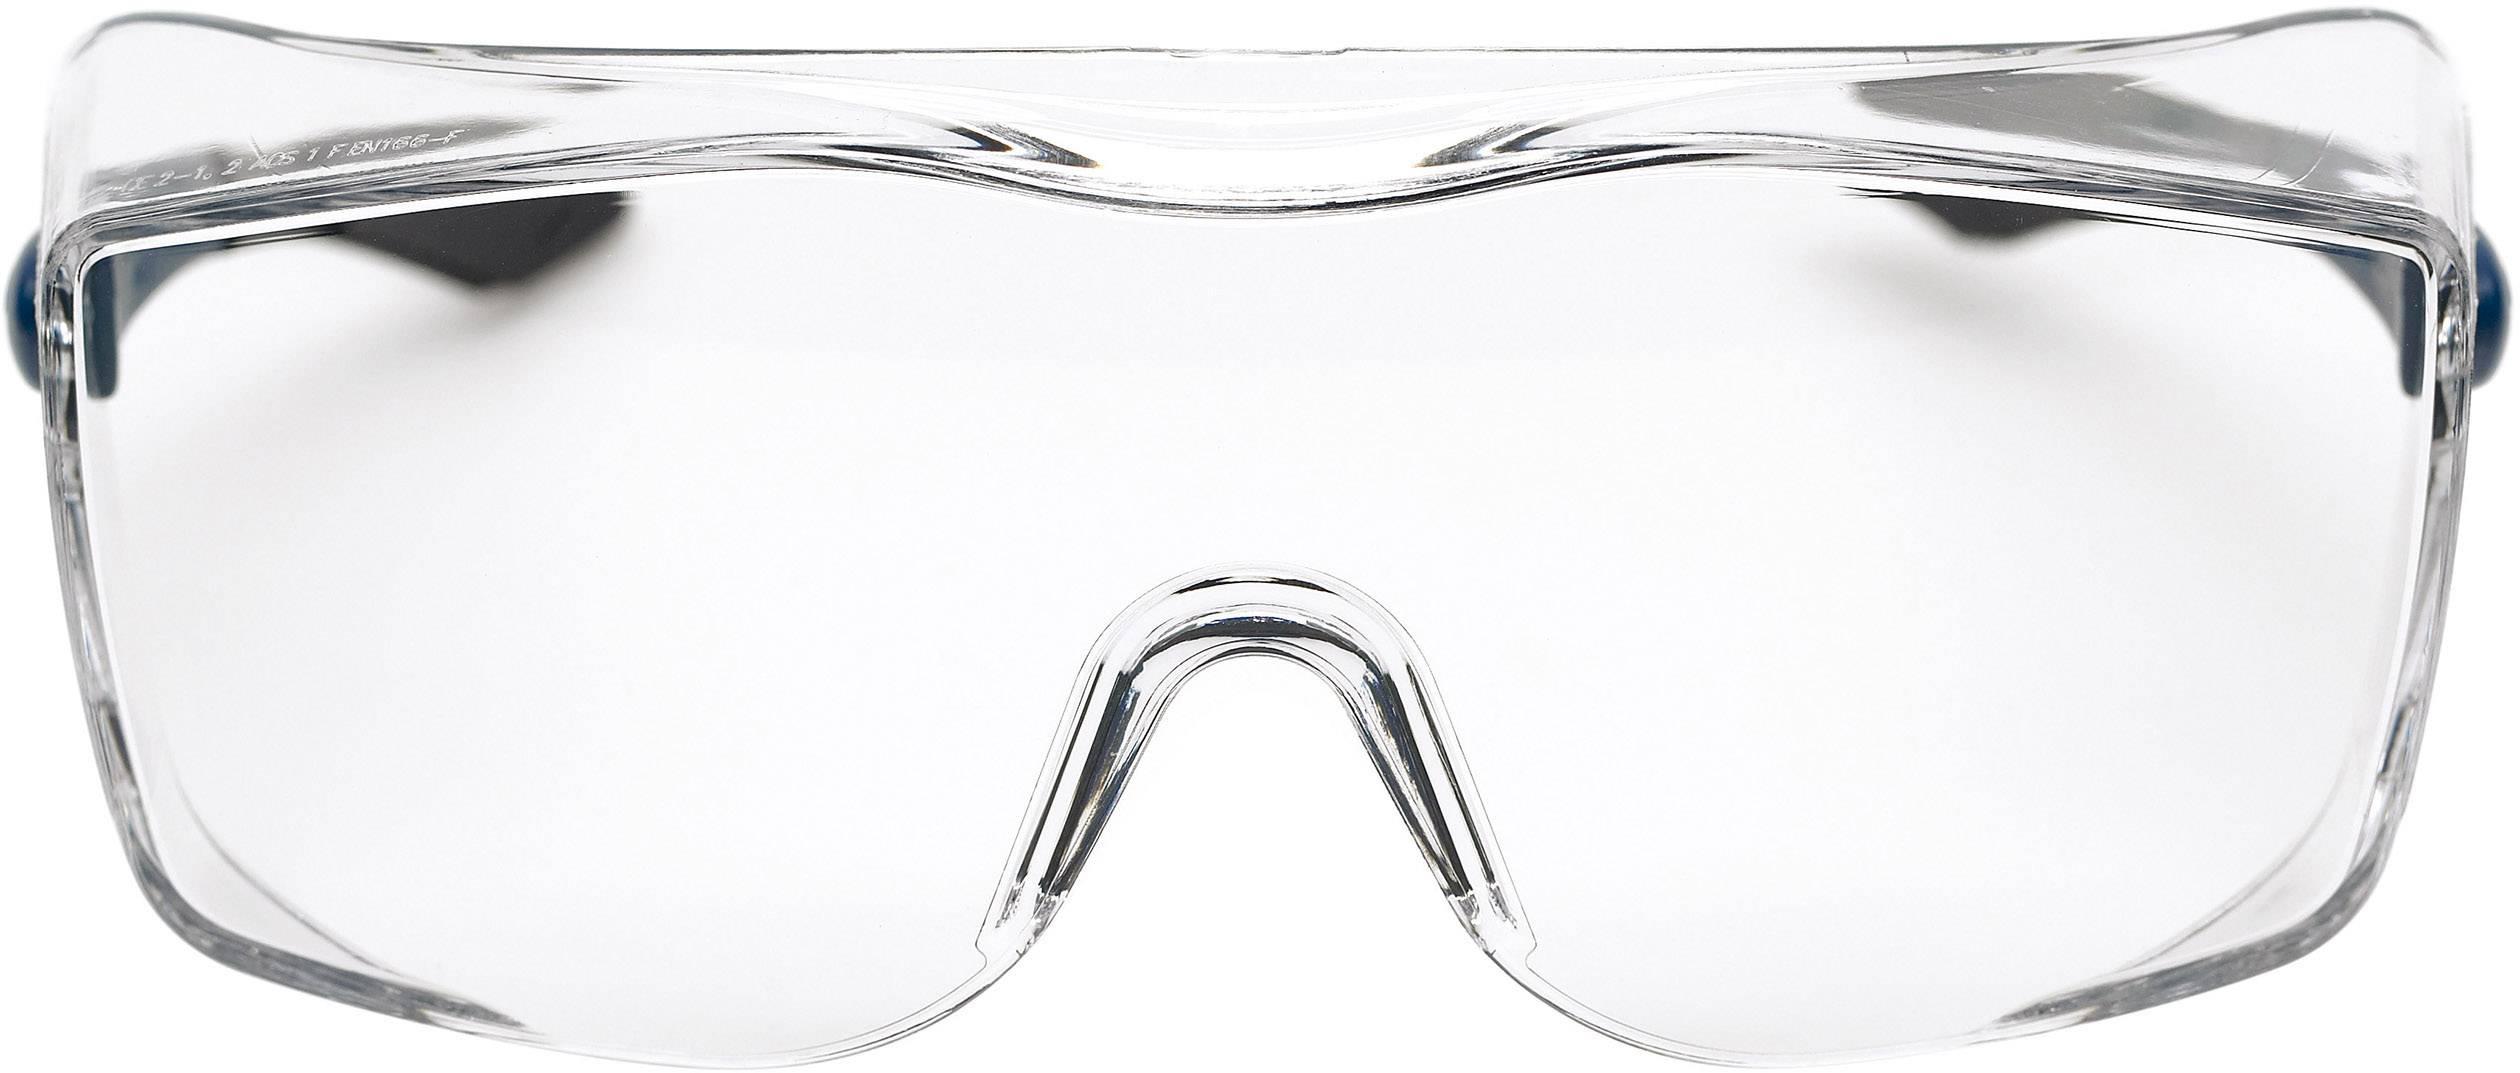 Ochranné okuliare 3M OX3000